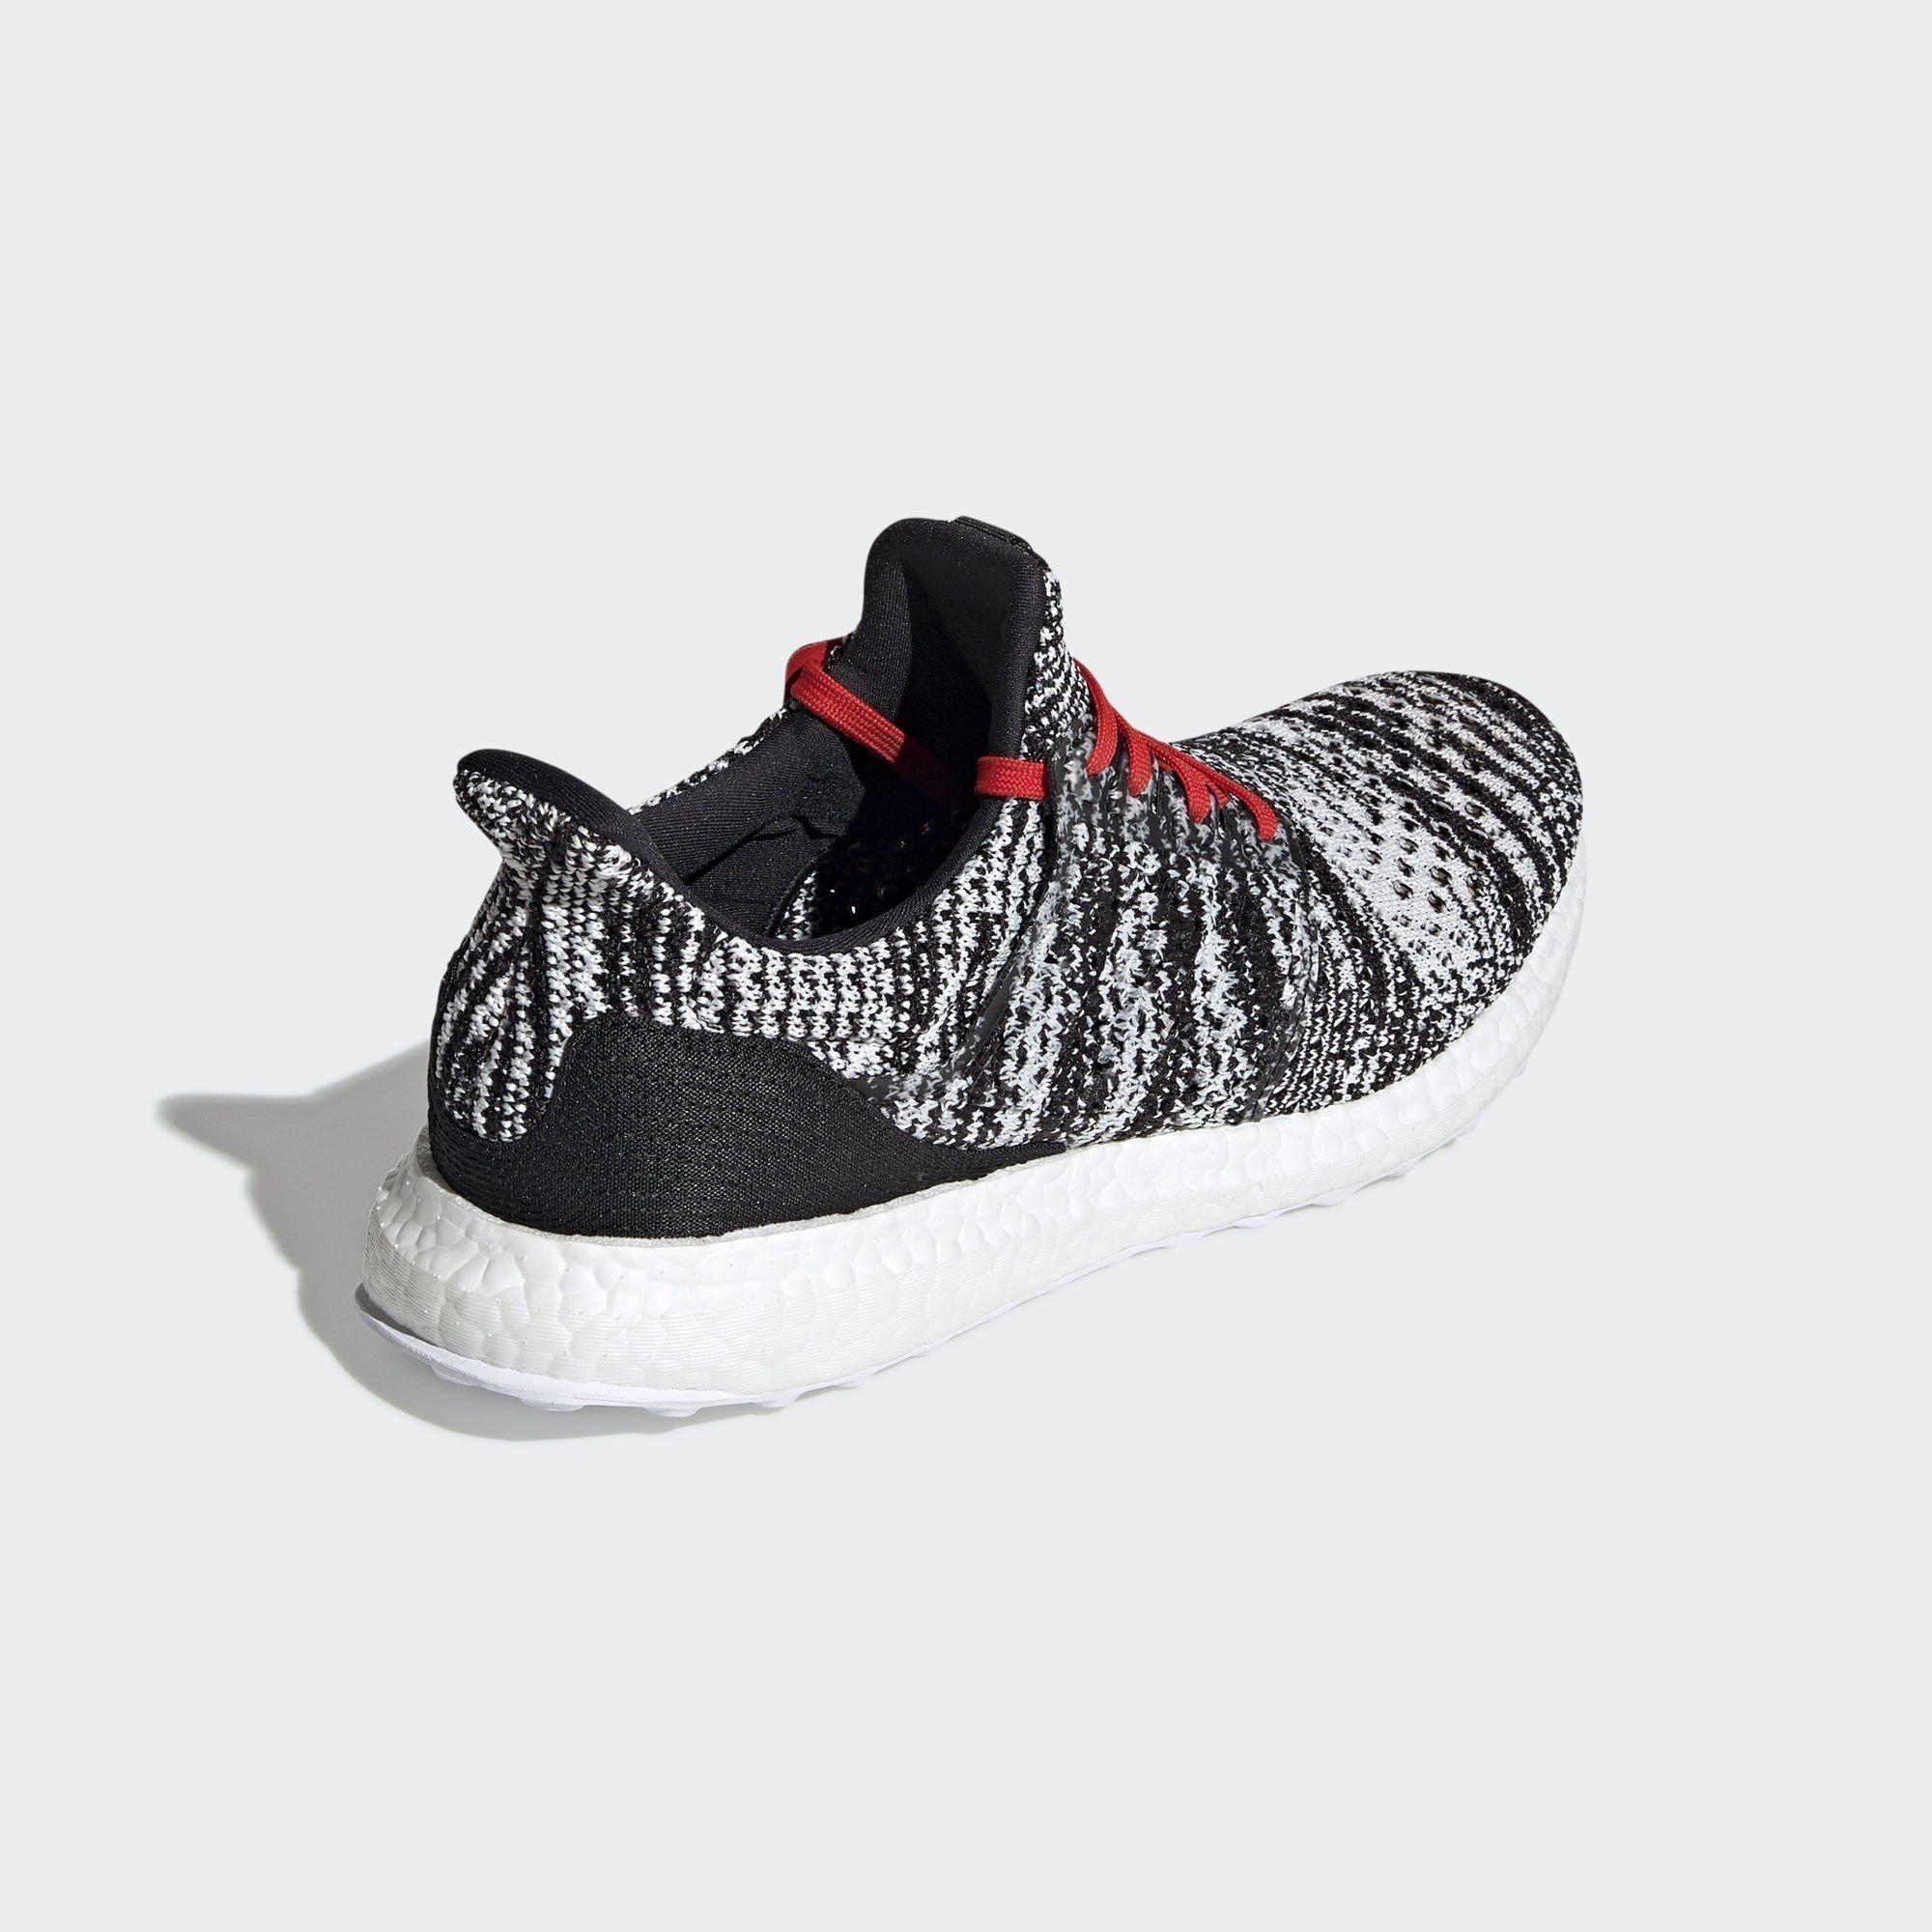 Adidas UltraBoost D97743